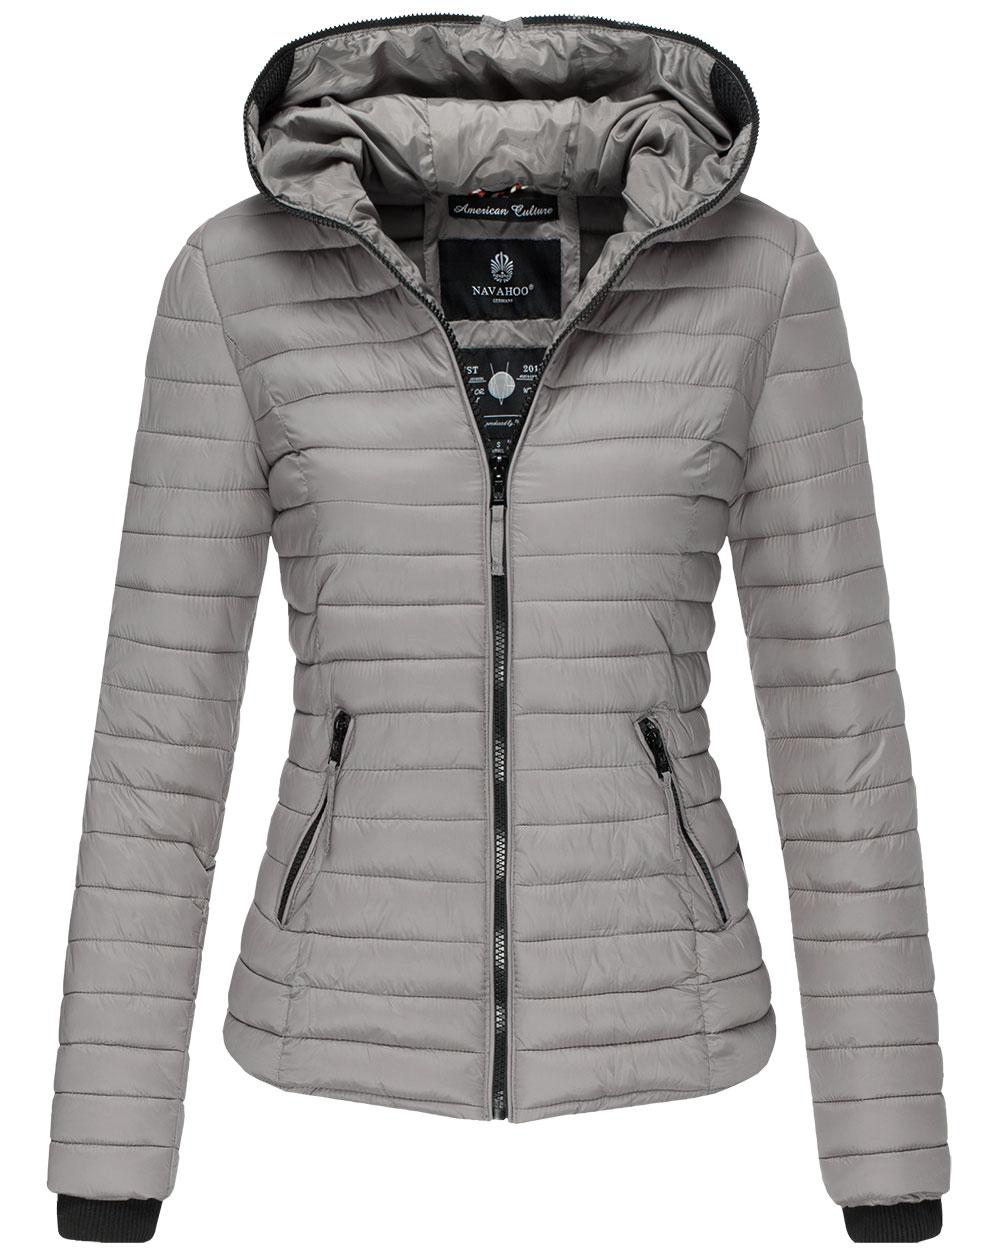 Podzimní dámská bunda Kimuk Navahoo - Grey